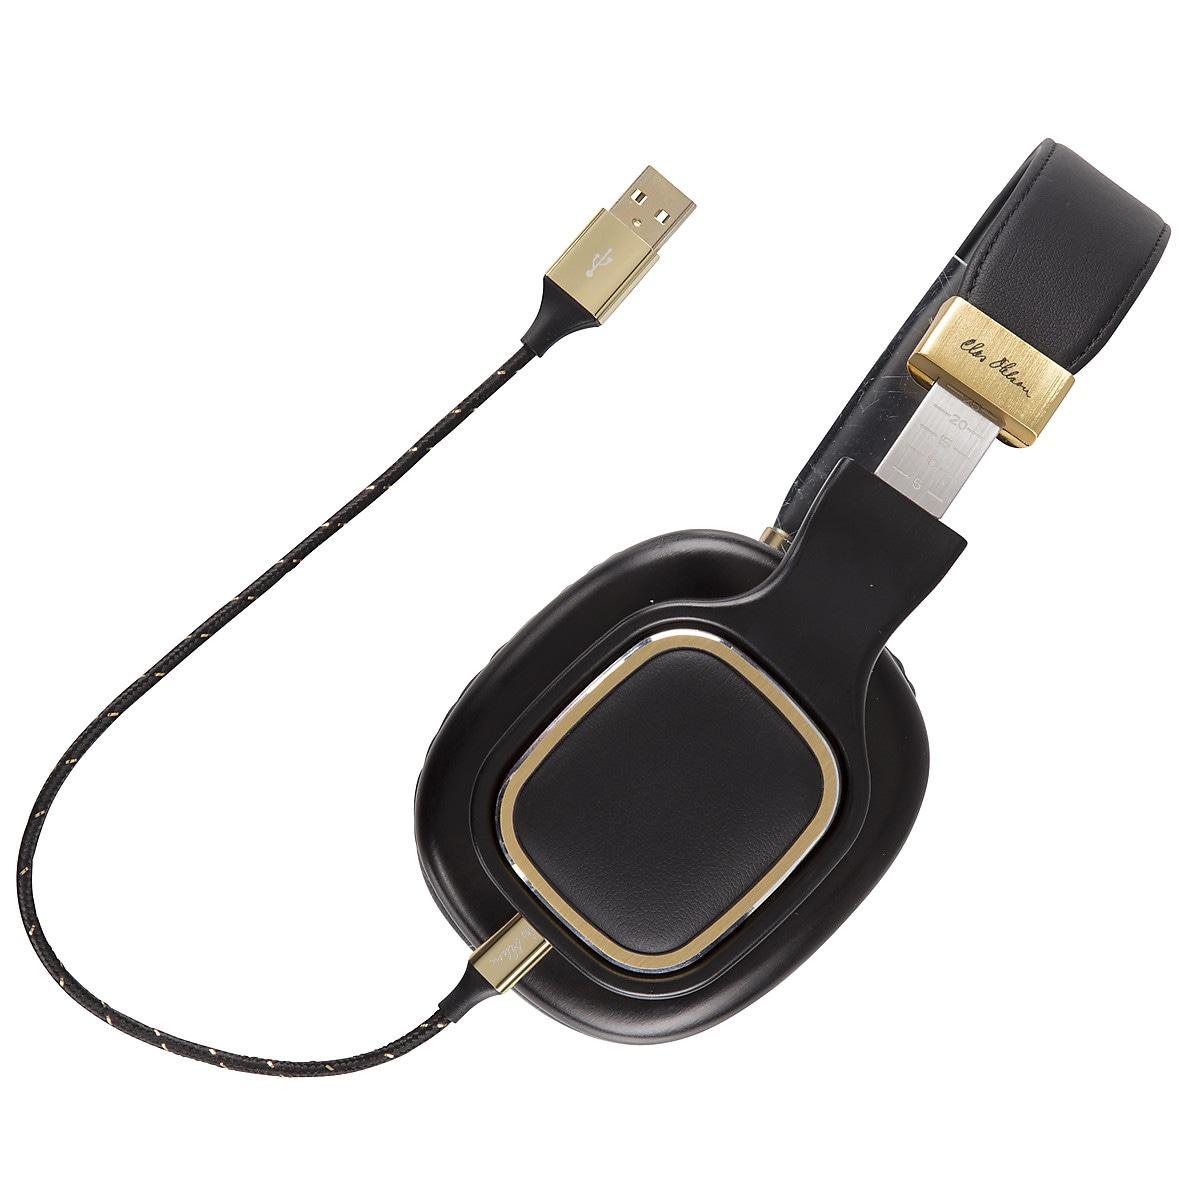 Kabellose Kopfhörer mit Mikrofon, Limited Edition